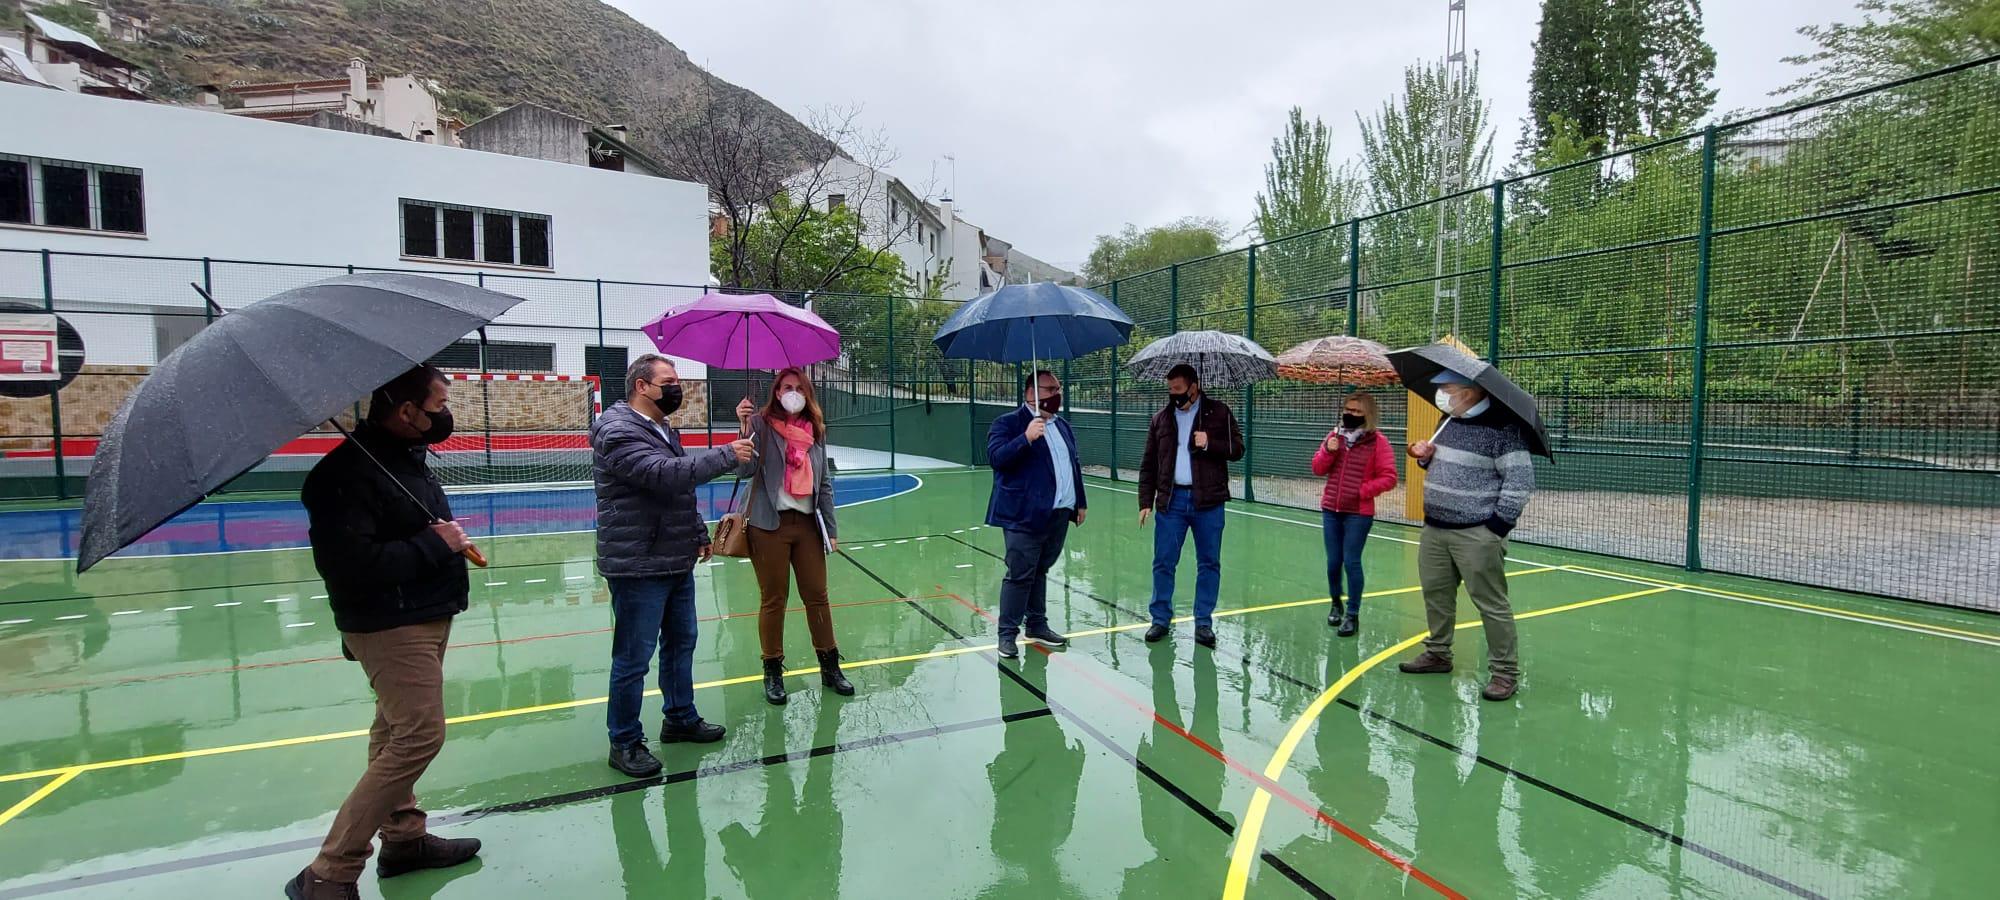 El complejo polideportivo Miraflores de Otura mejora la pavimentación y el vallado